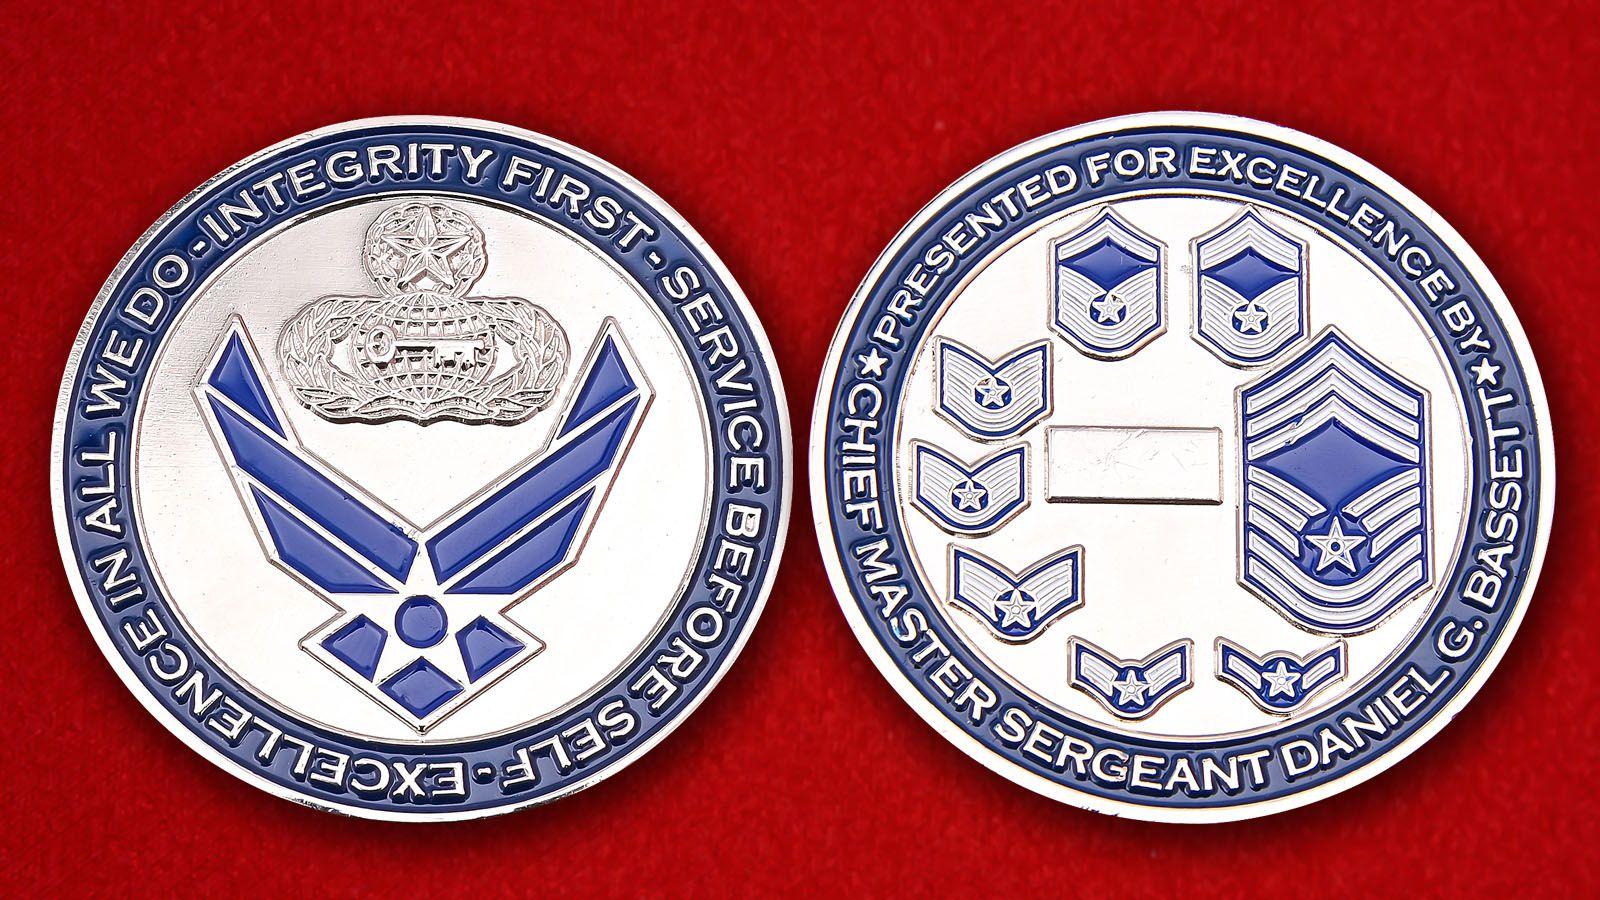 """Челлендж коин """"Главному Мастер-сержанту ВВС США Даниэлю Г. Бассету за отличную службу""""  - аверс и реверс"""